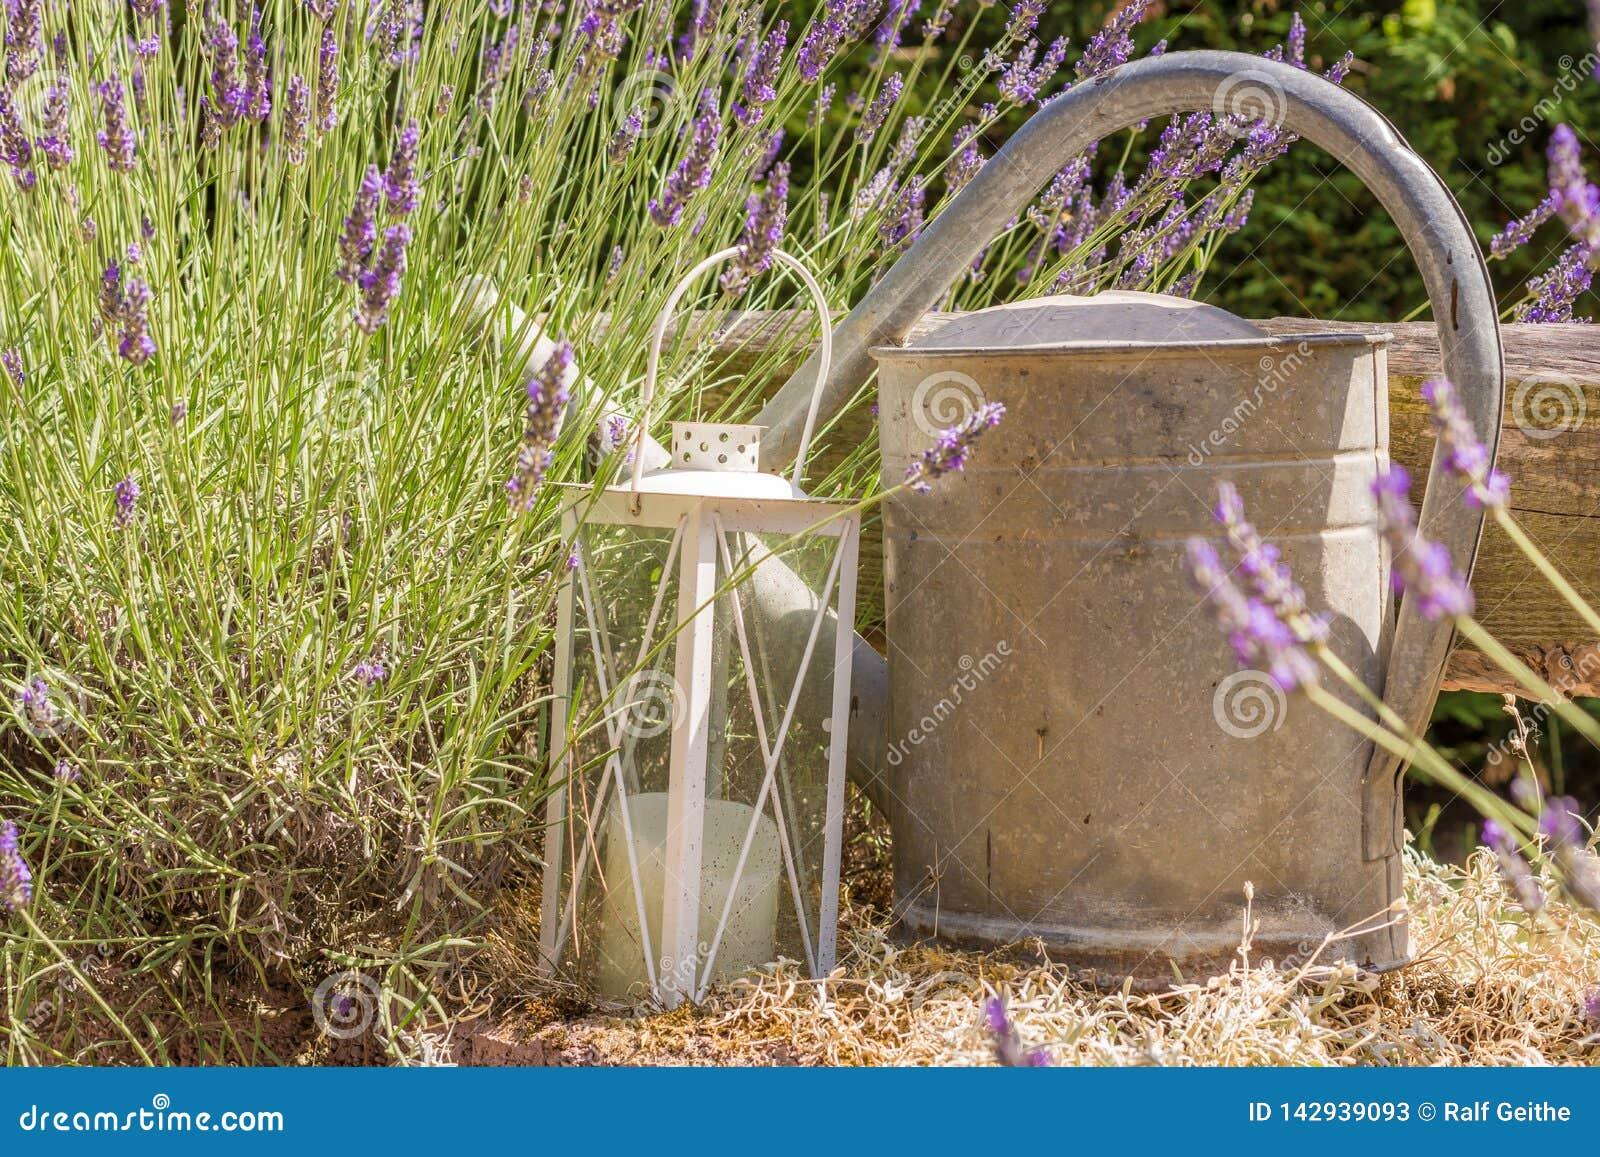 Lavender που διακοσμείται με το φανάρι και ένα παλαιό πότισμα μπορεί